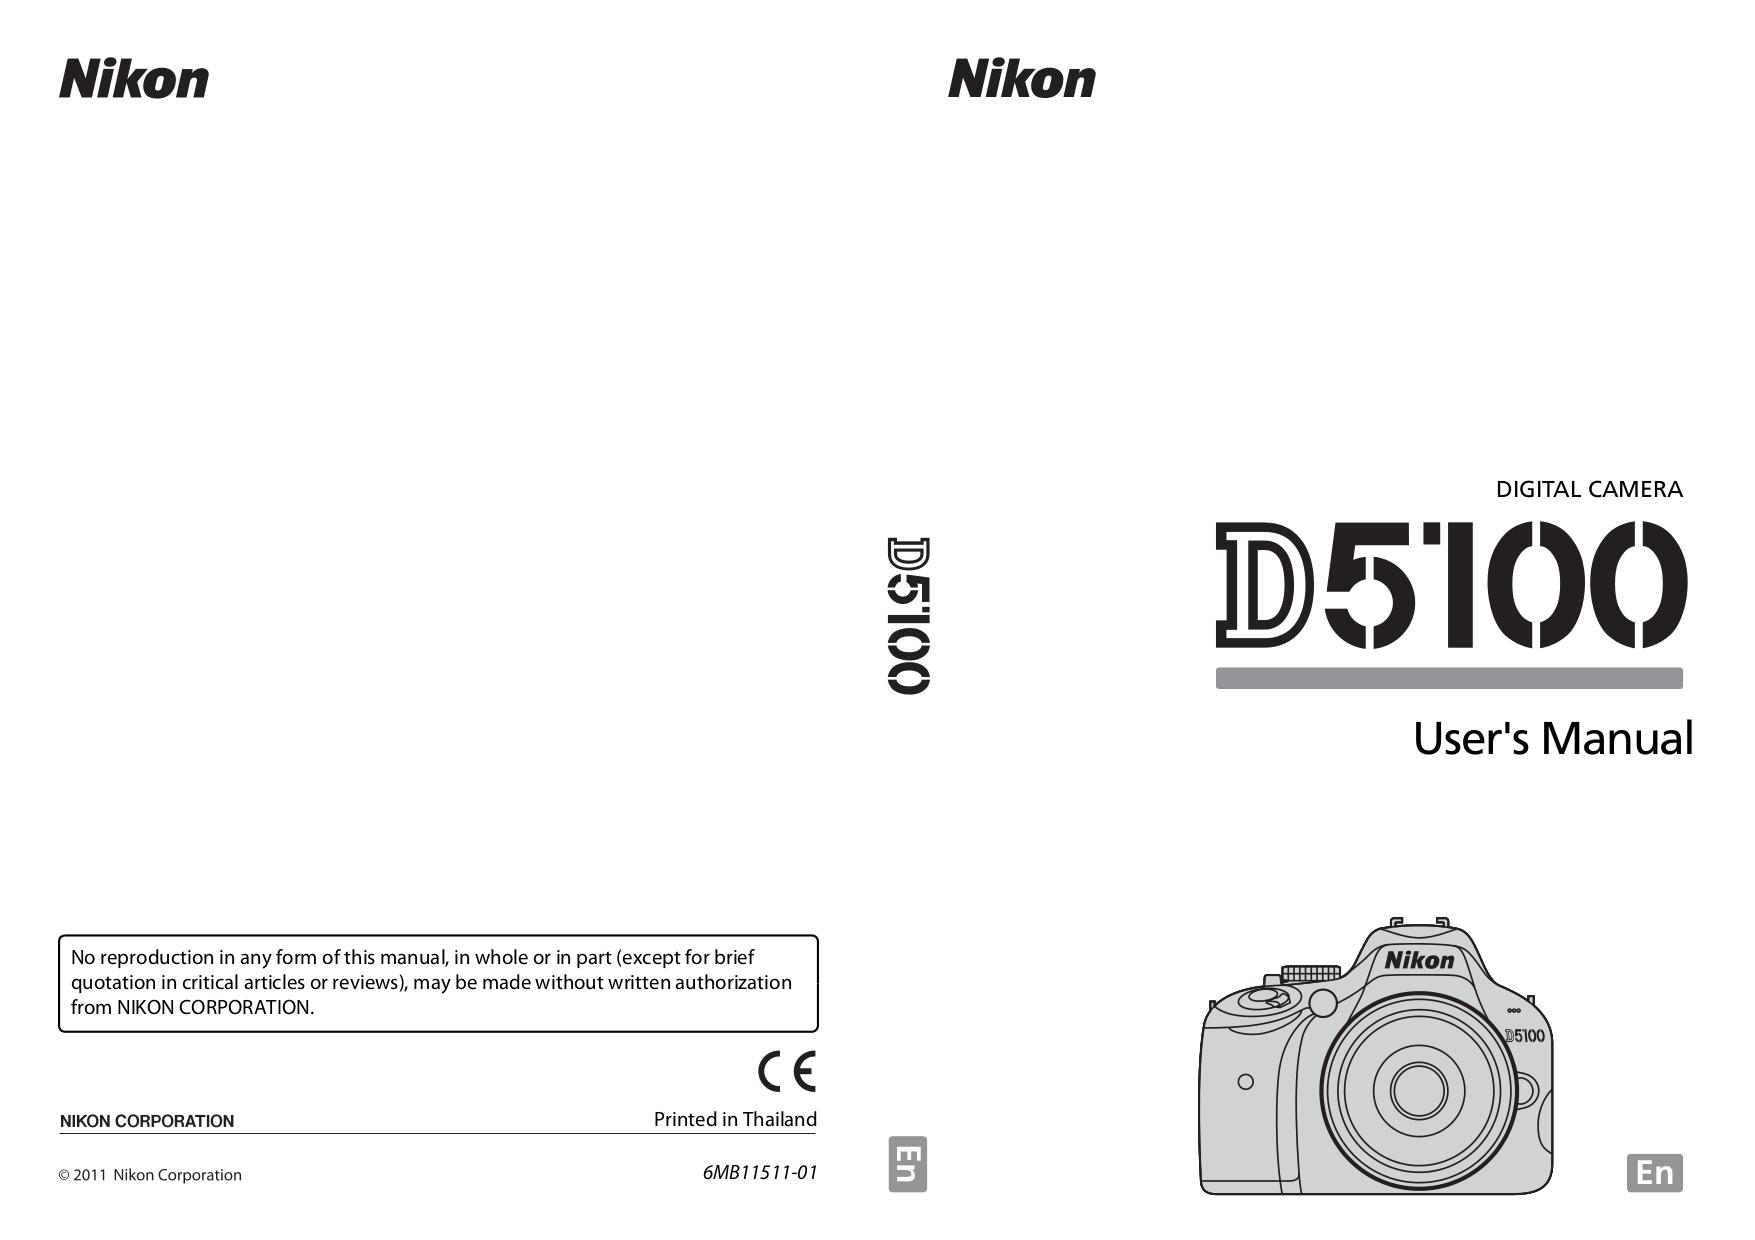 инструкция к никон д 5100 на русском